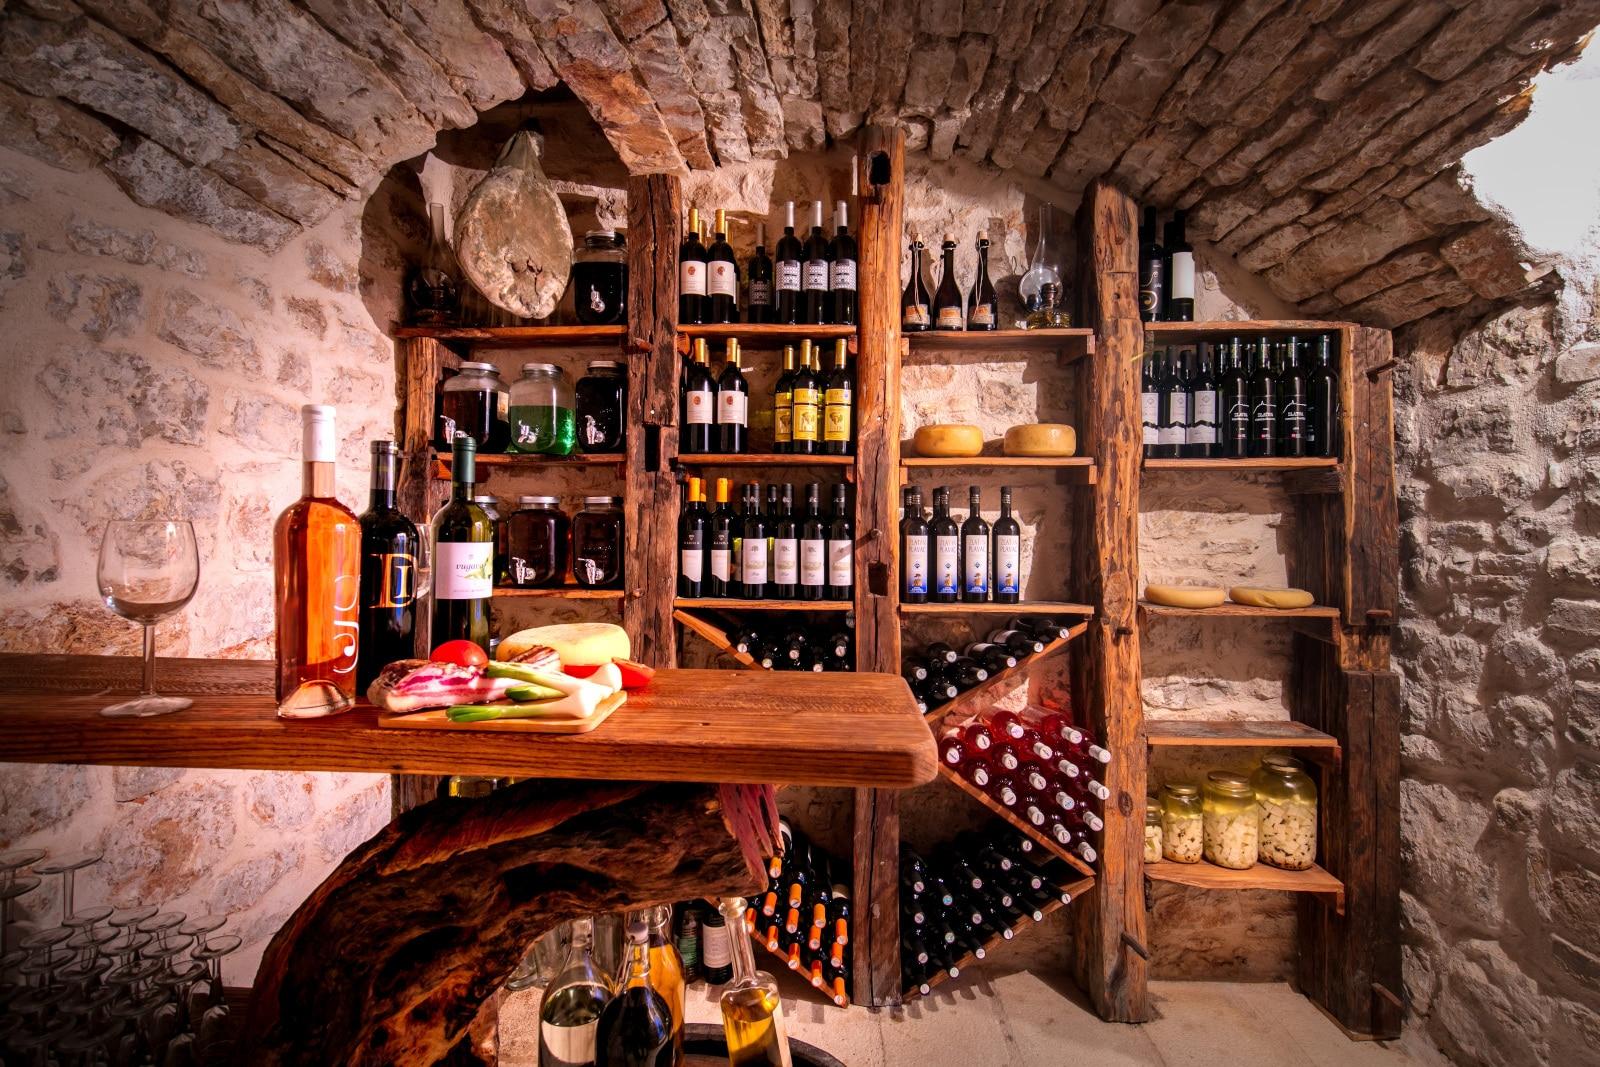 Wine Cellar Golub in Podselje, Vis, Croatia